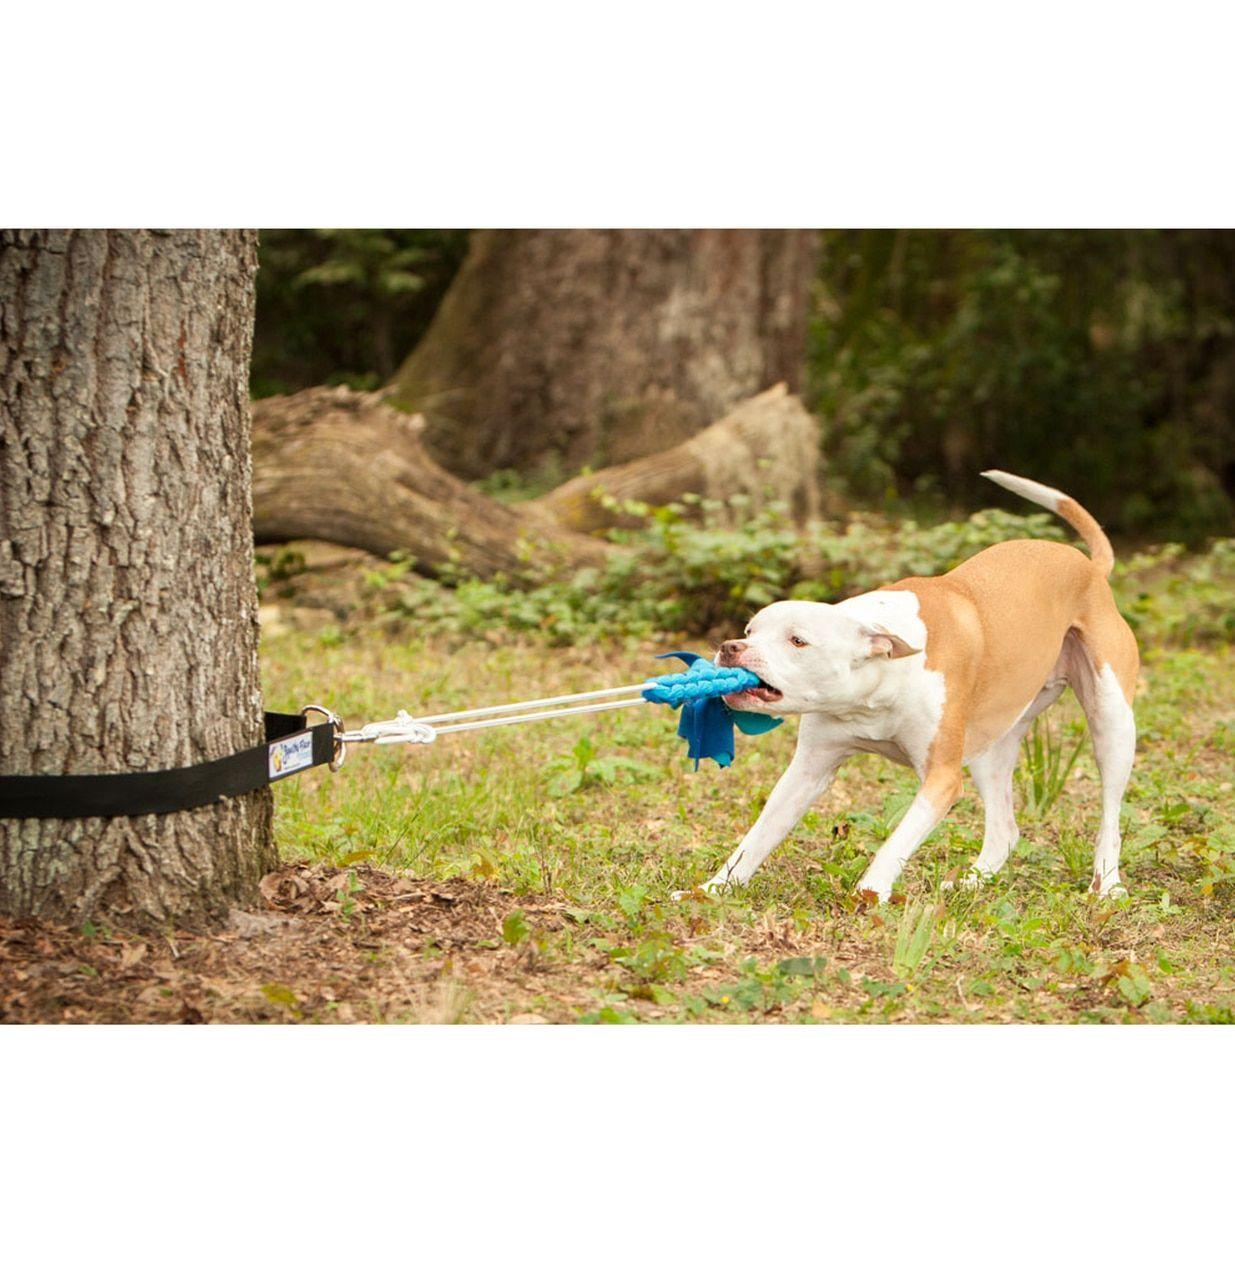 Squishy Face Studio Flirt Pole Super Tug Bundle Dog Toys Dog